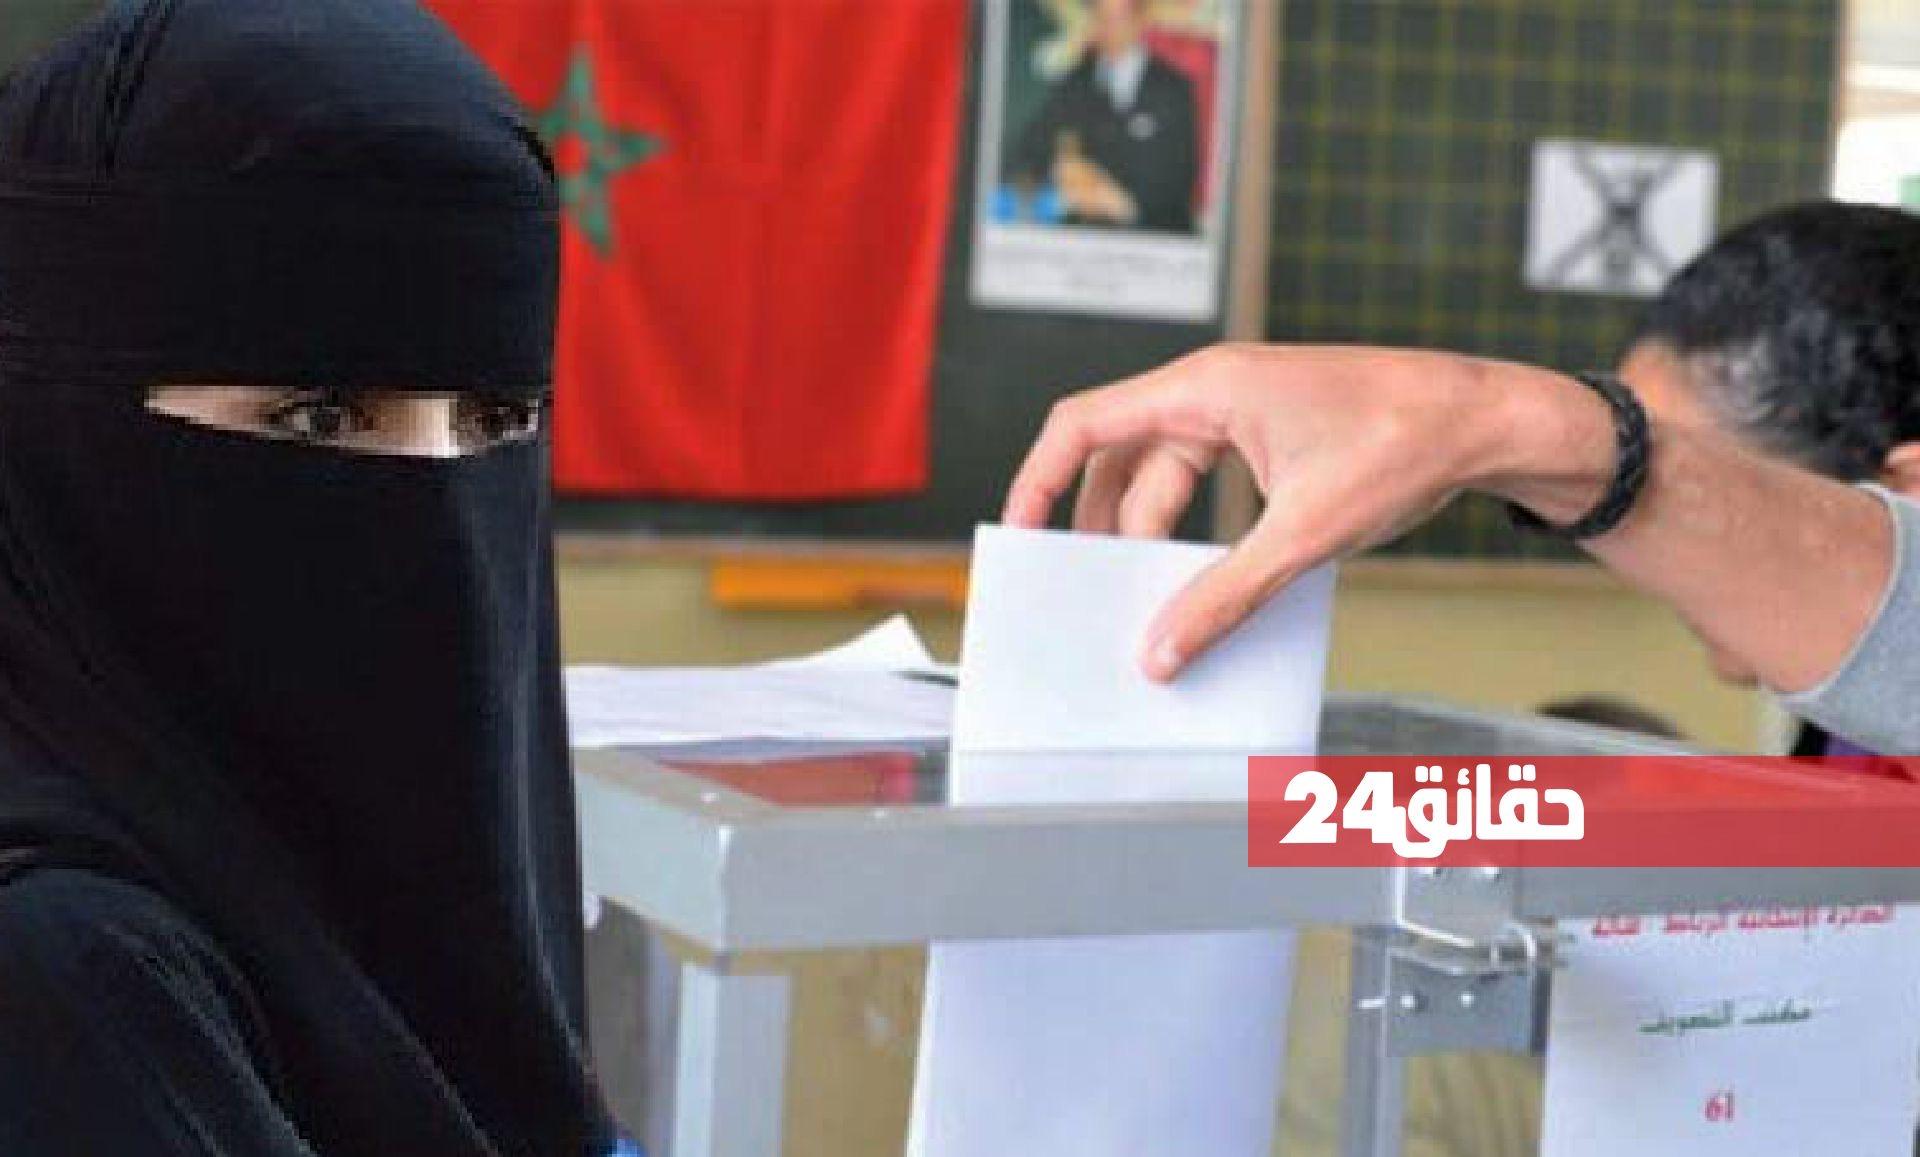 صورة تارودانت .. مسؤول في مكتب التصويت يمنع امرأة منقبة من التصويت